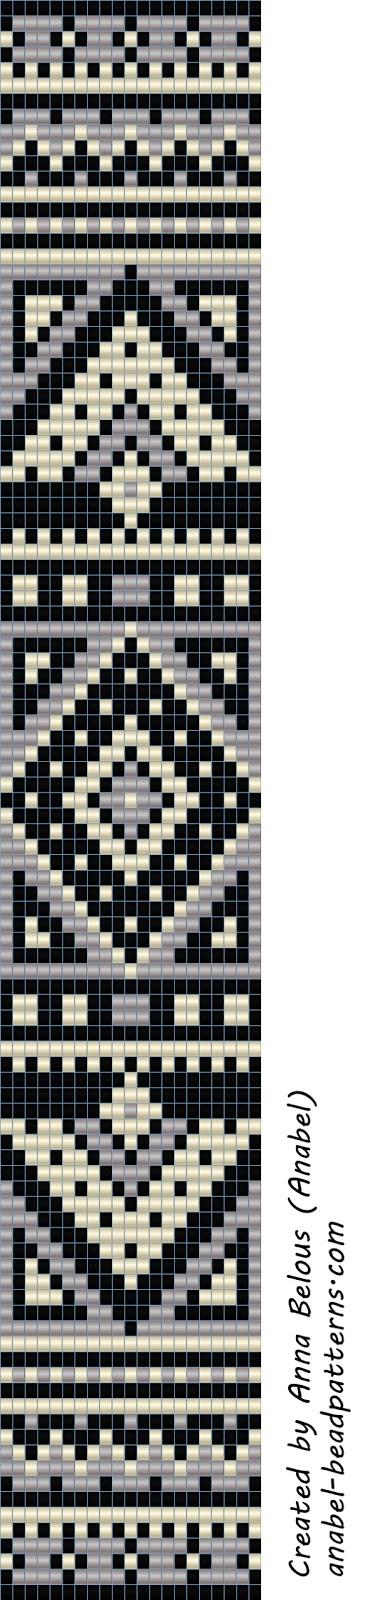 Схема монохромного браслета